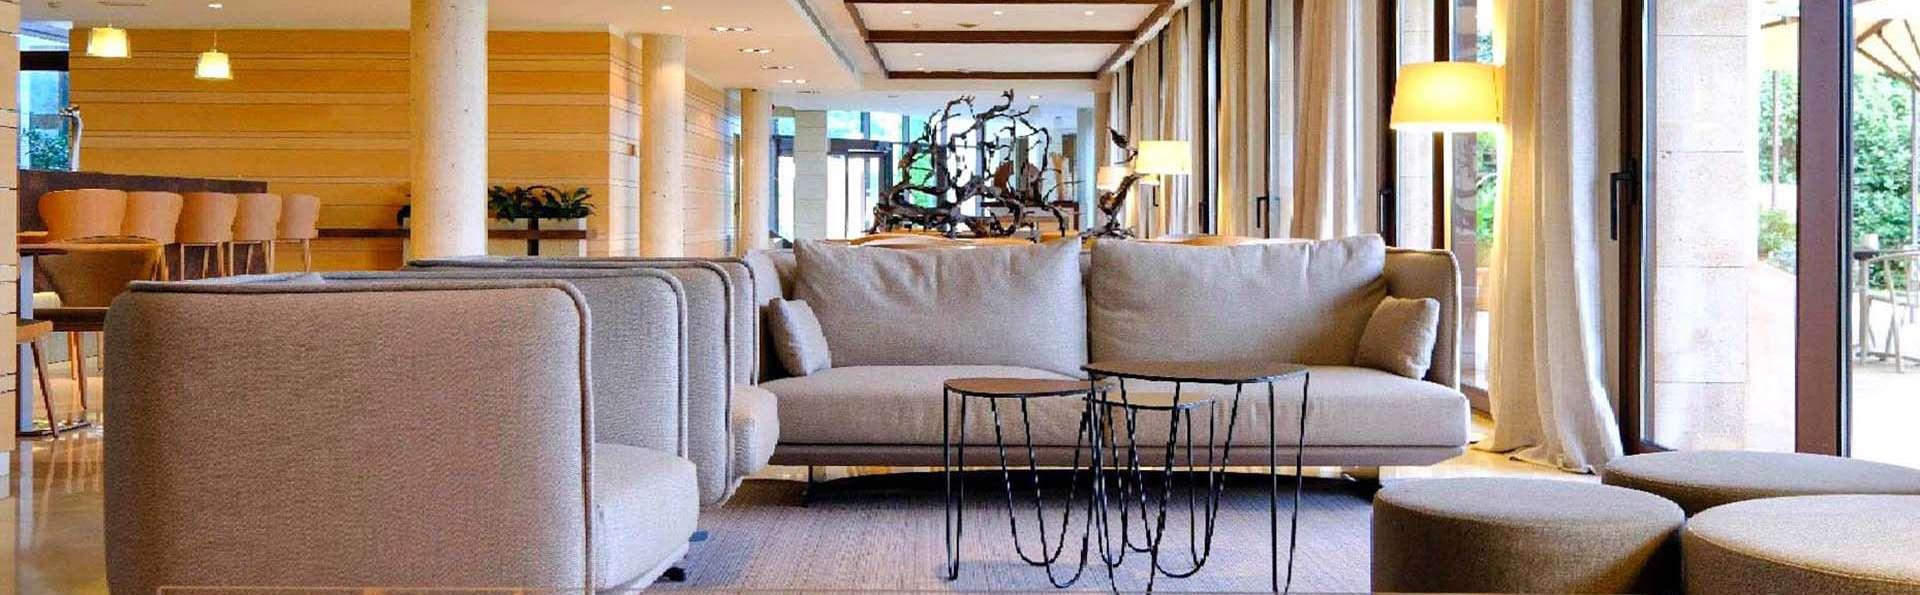 Hotel Mas Solá - EDIT_Llar_de_Foc_Recepcio_de_Fons_01.jpg